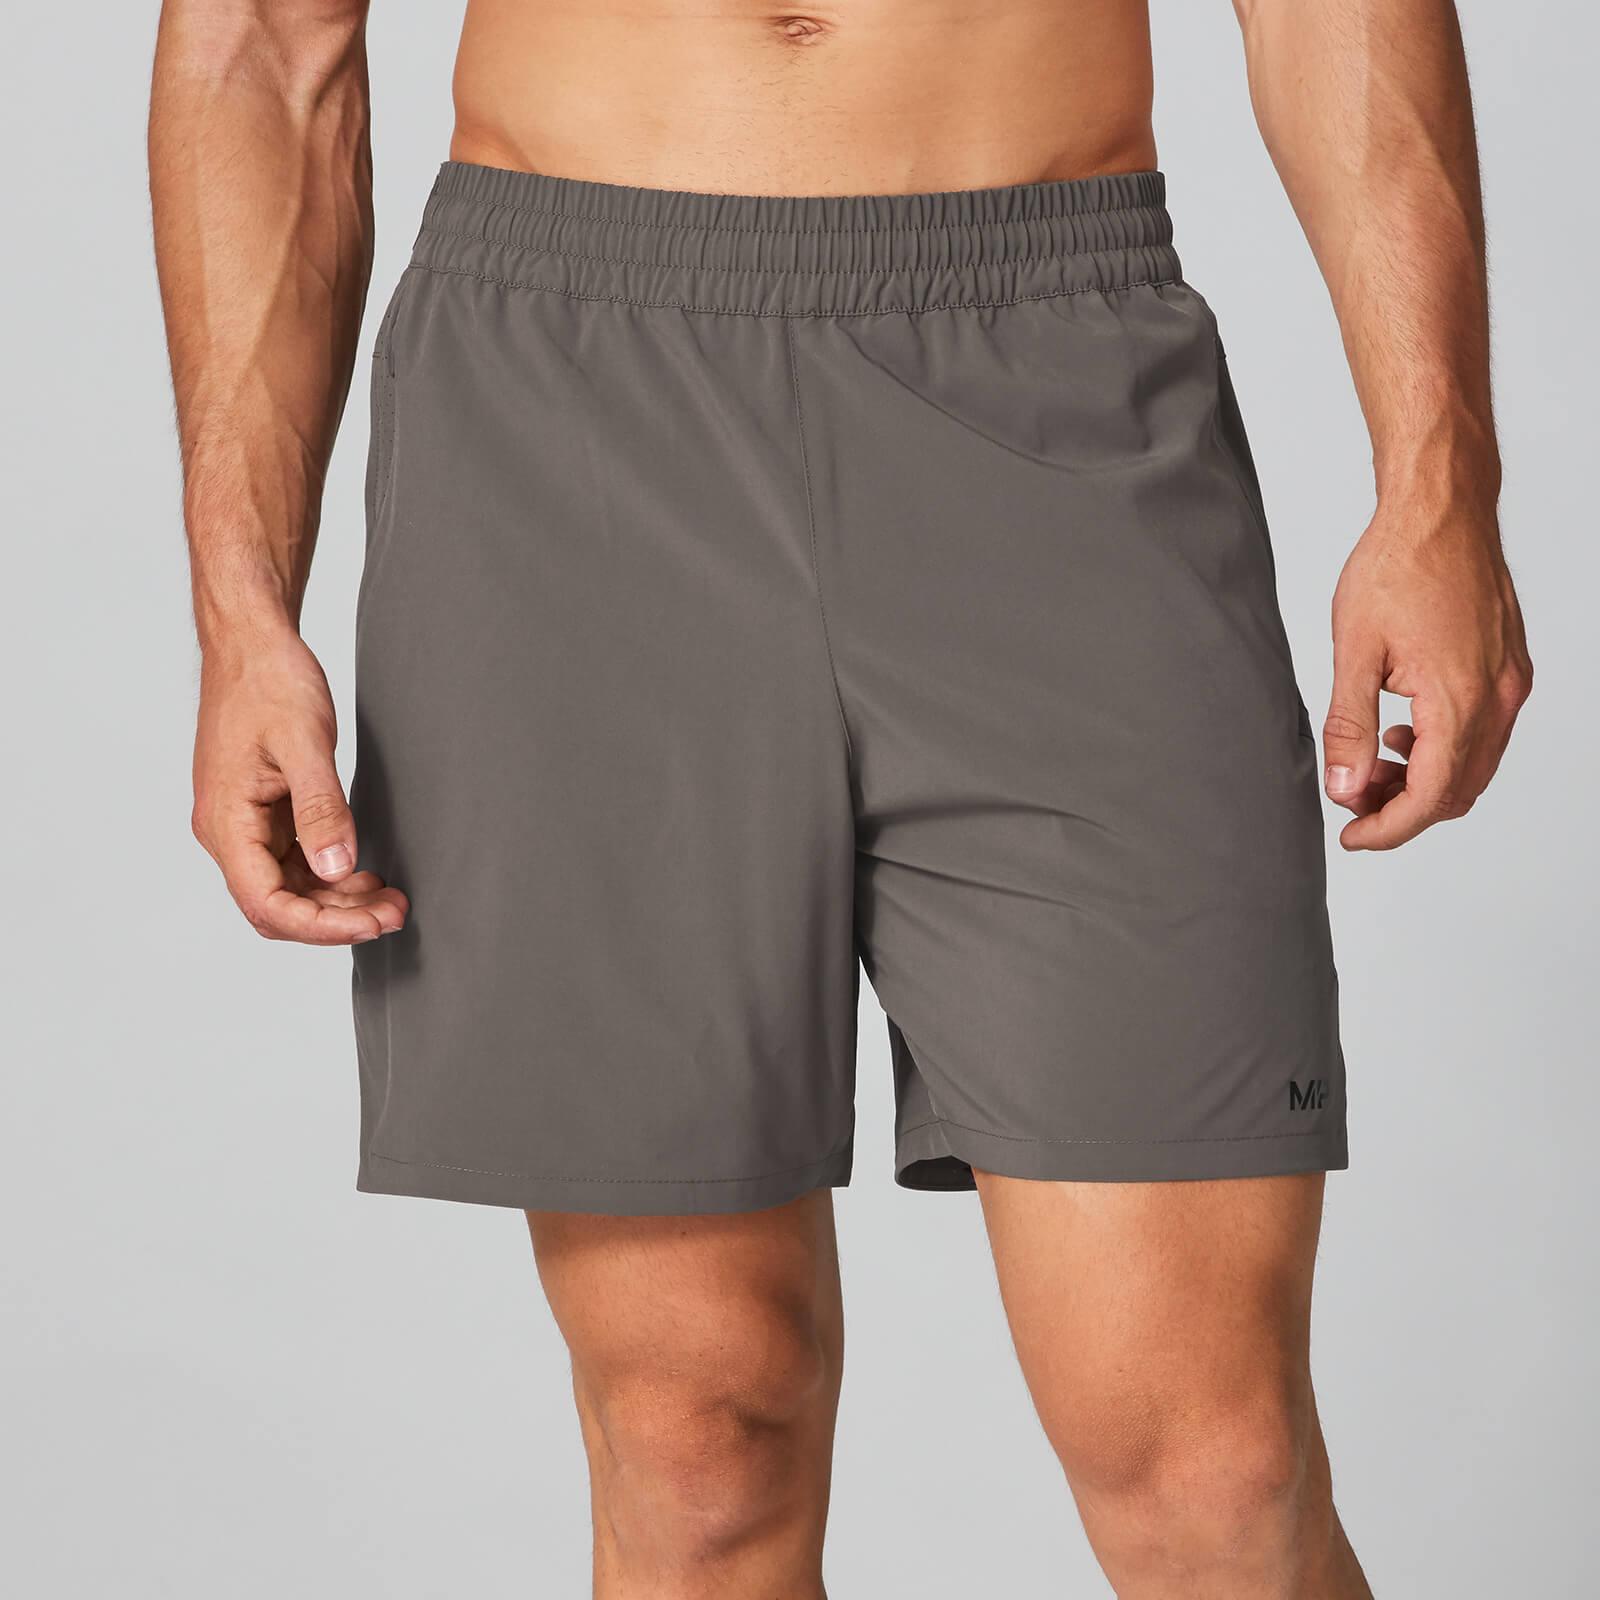 Myprotein Sprint 7 Inch Shorts - Driftwood - L